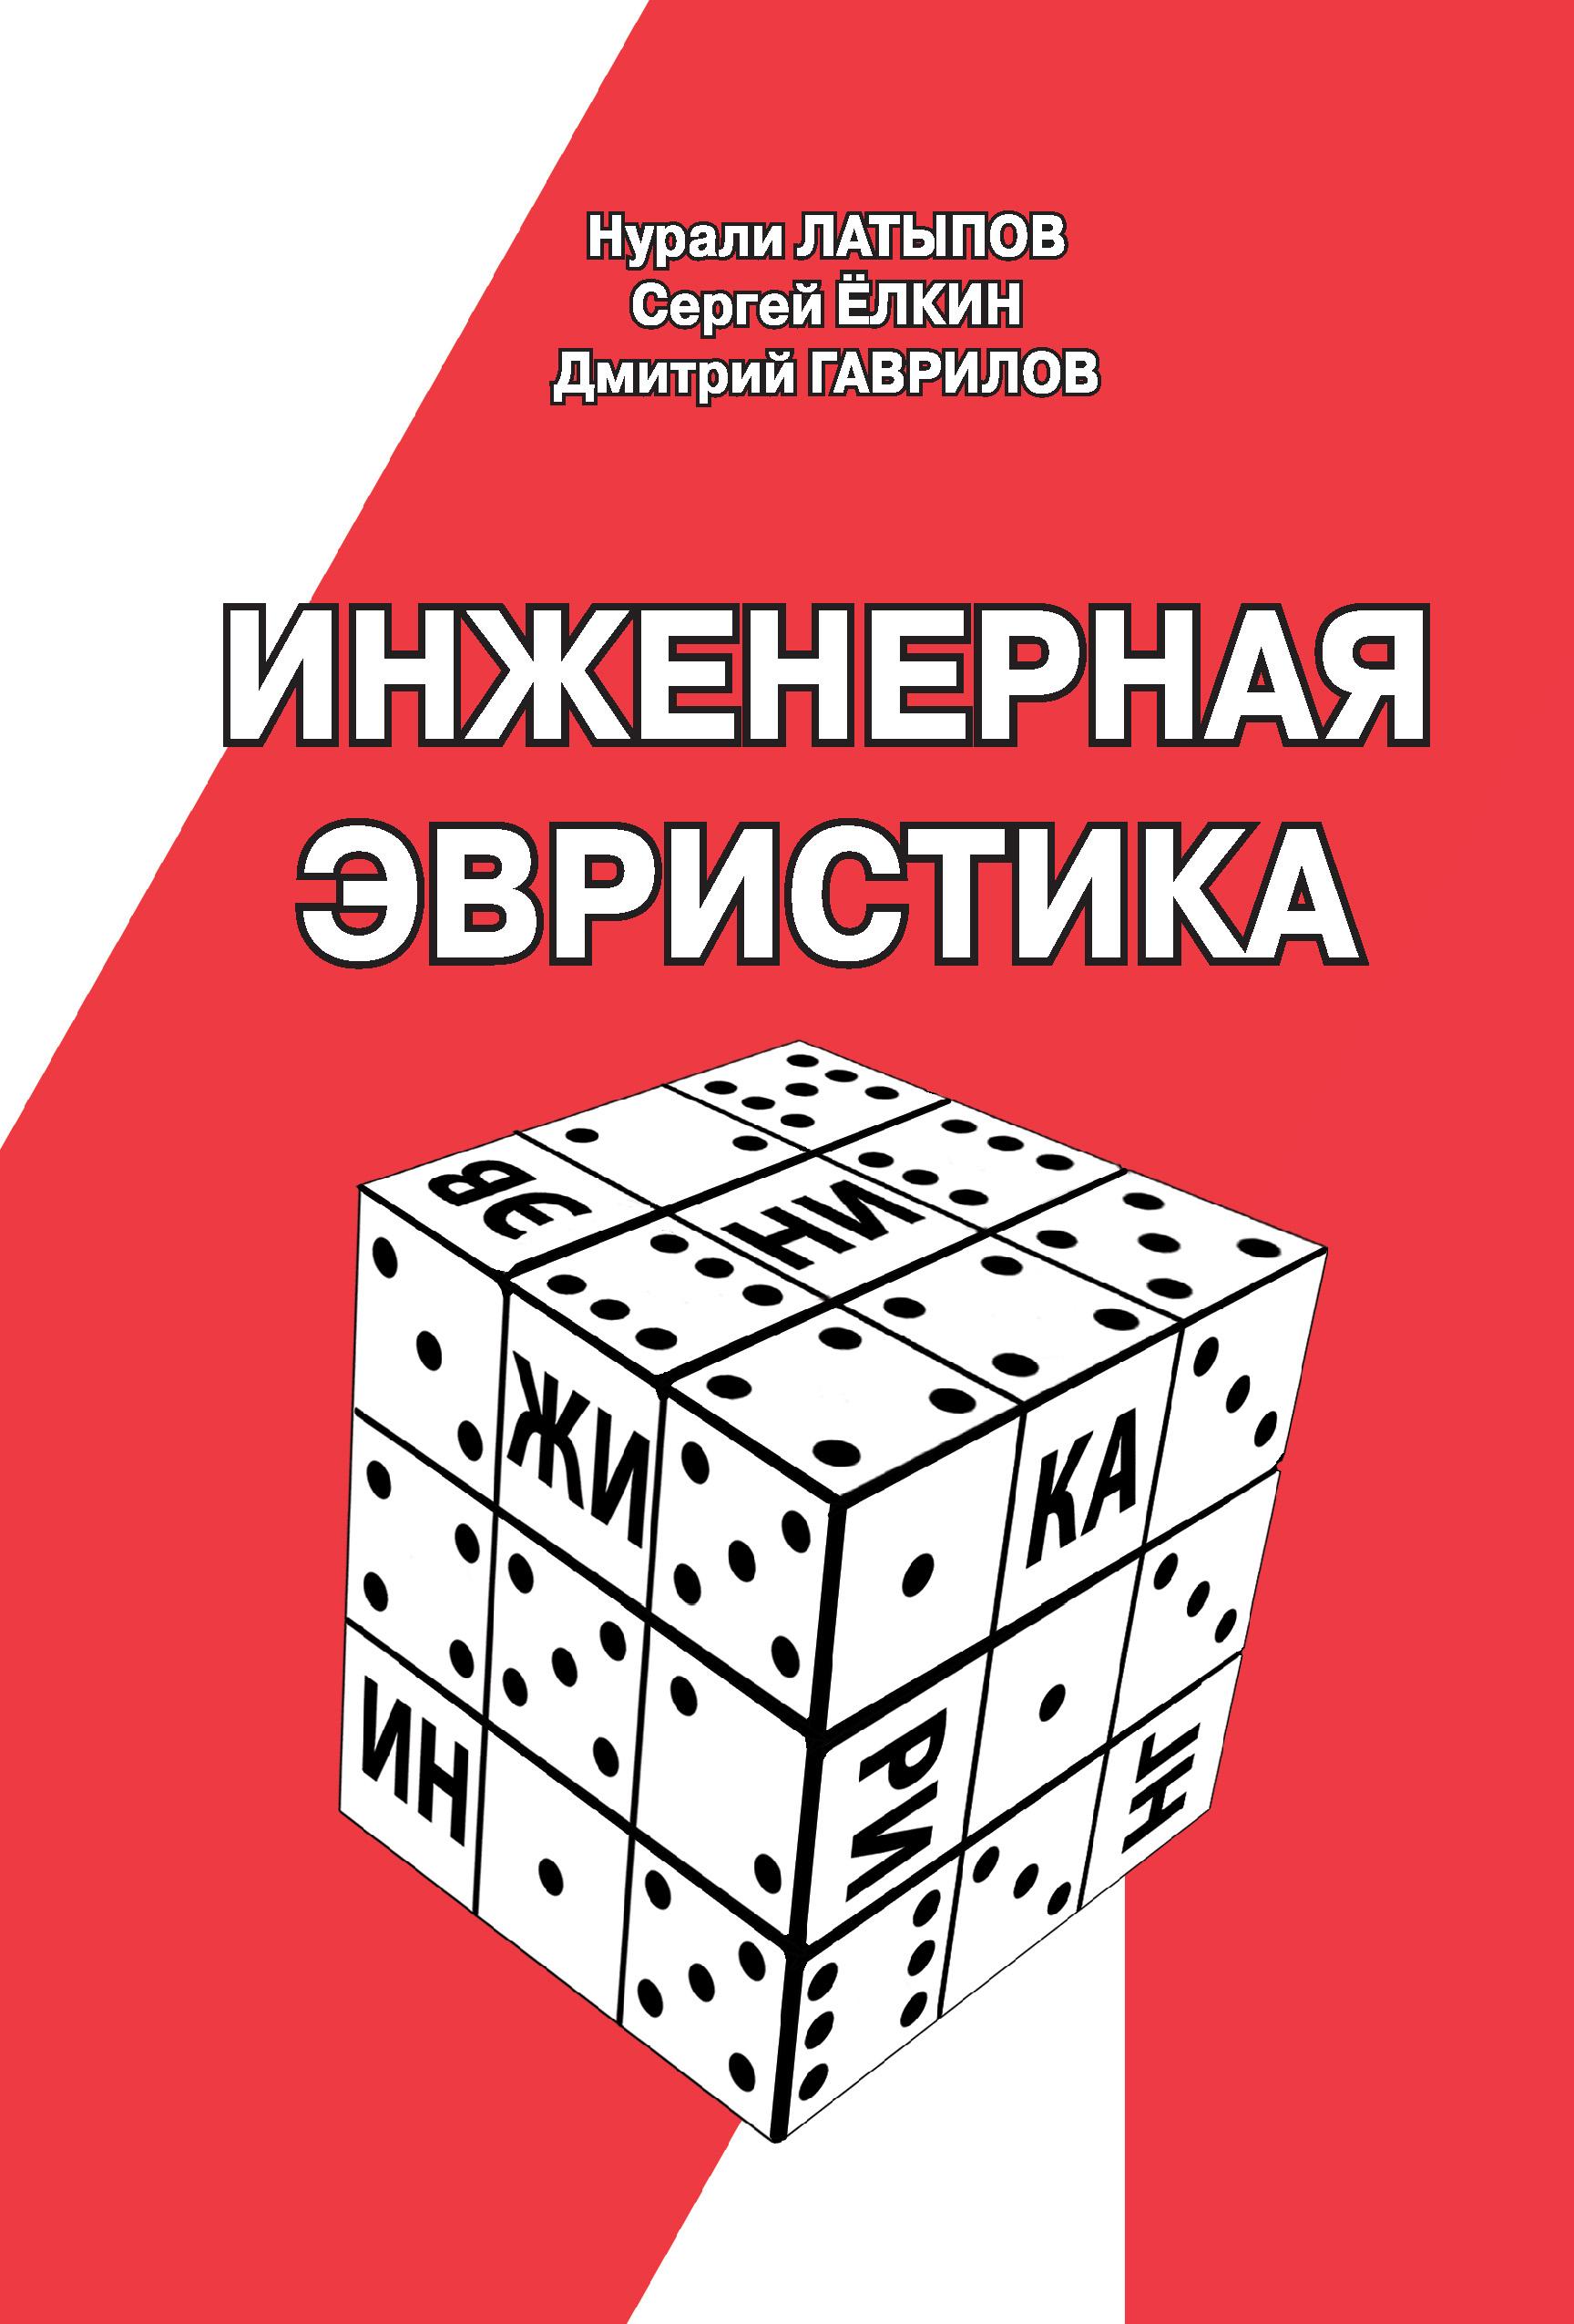 Эвристика — википедия. что такое эвристика